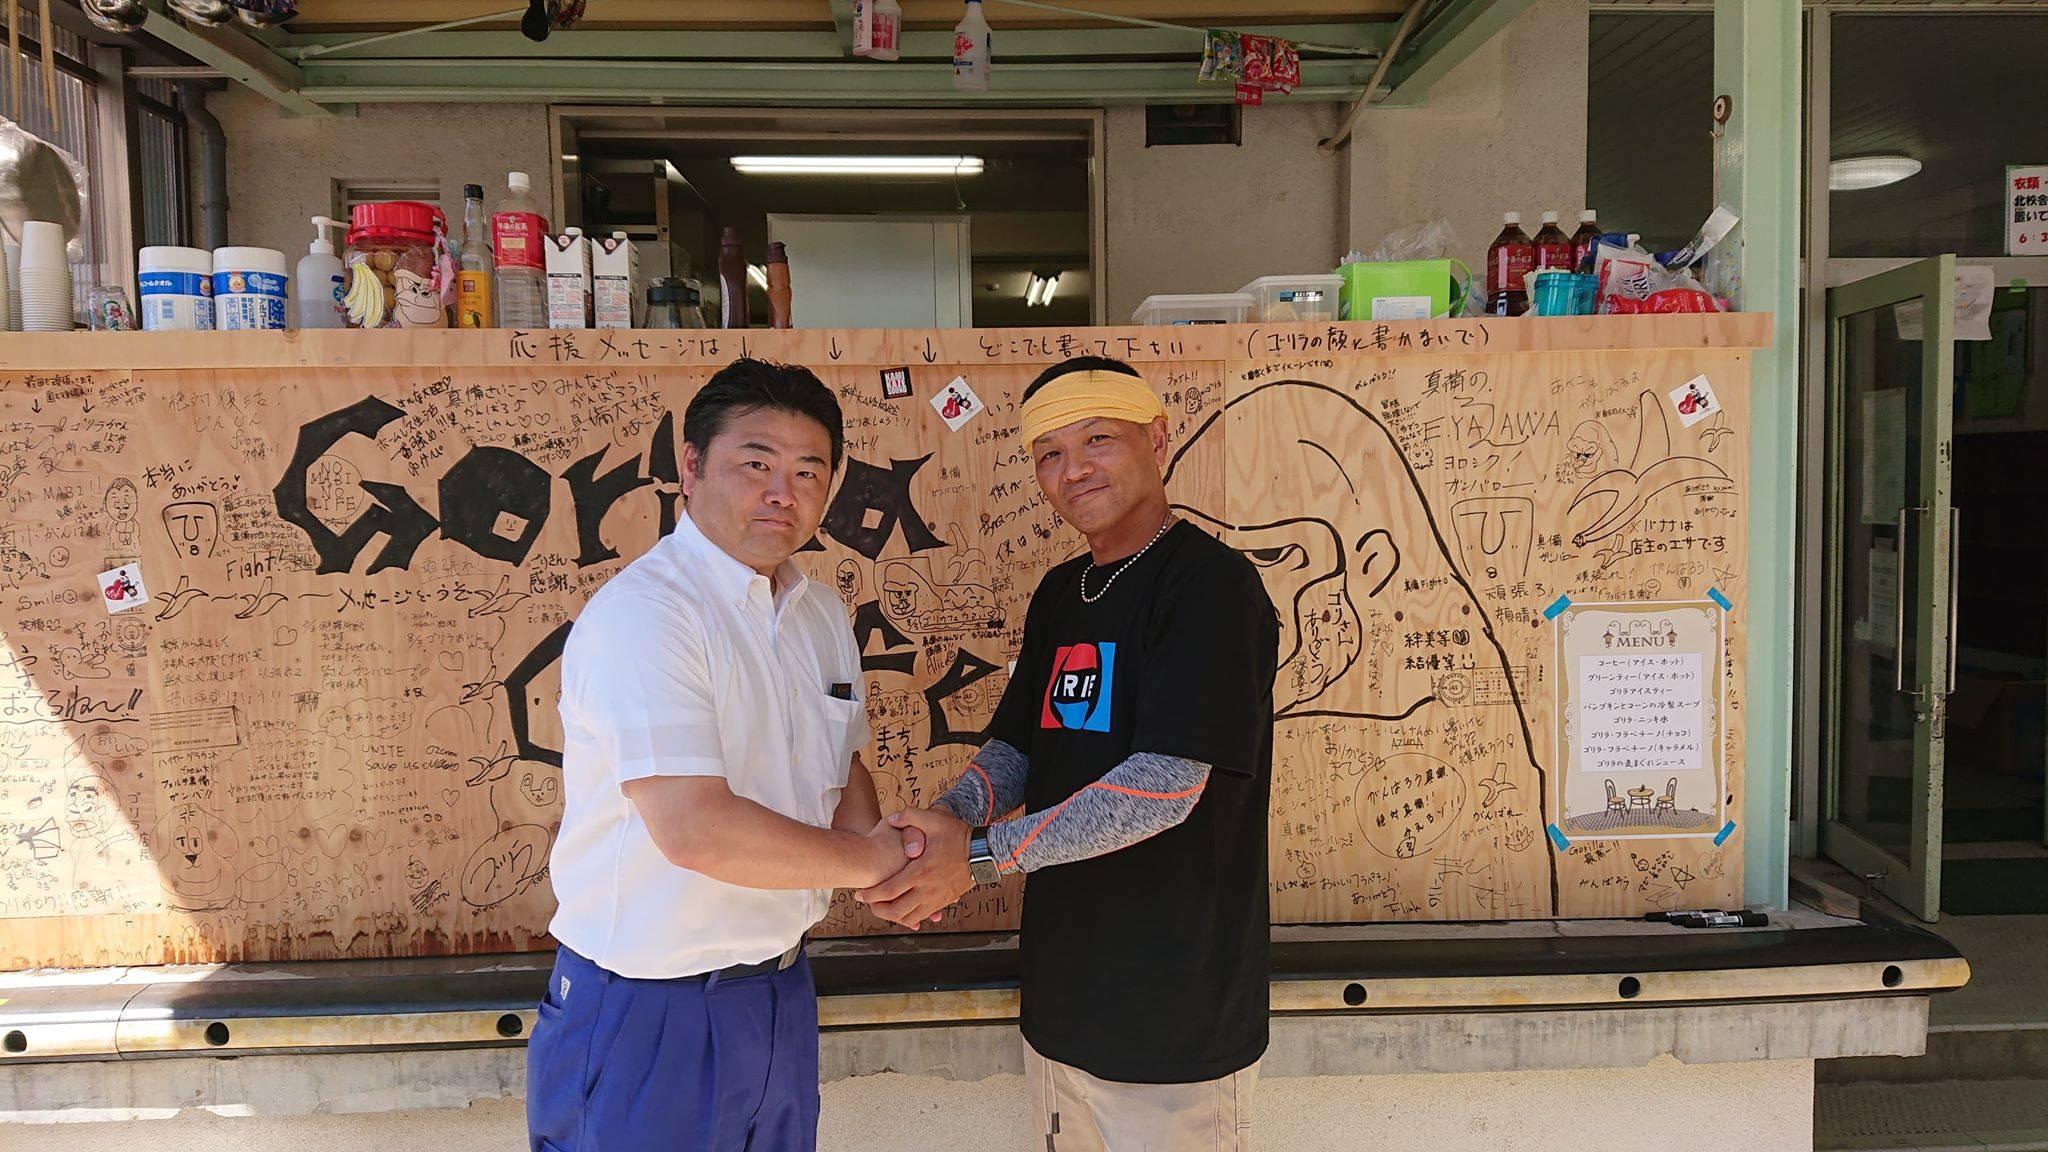 薗小学校にオープンした「ゴリラカフェ」。